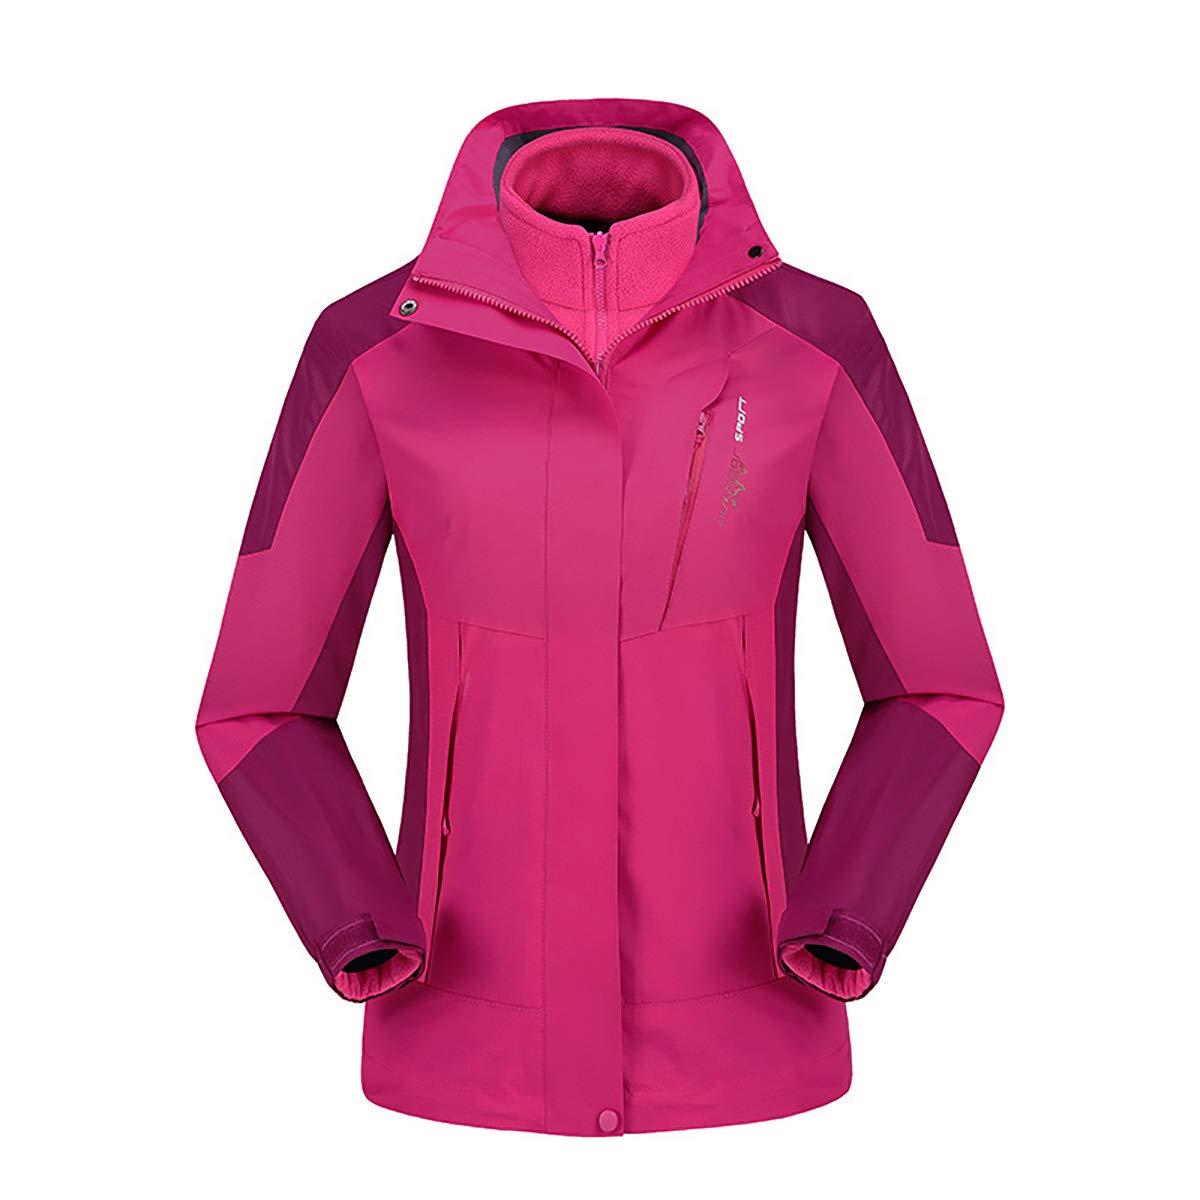 Roserouge XXXL W&TT Femmes 3-en-1 Veste, Doubleure en Molleton Détachable Deux Pièces Doudoune Coupe-Vent Imperméable Chaud Extérieur Alpinisme Sportswear,rouge,XXXXL